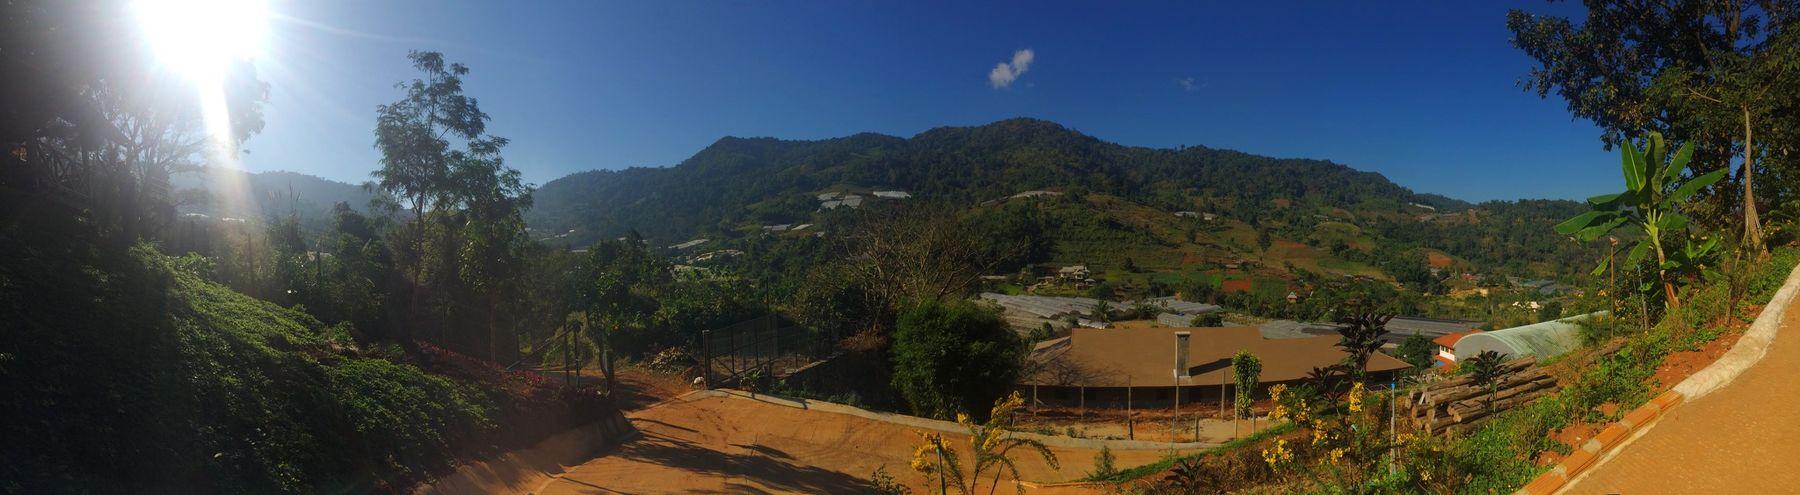 ภูเขาาา